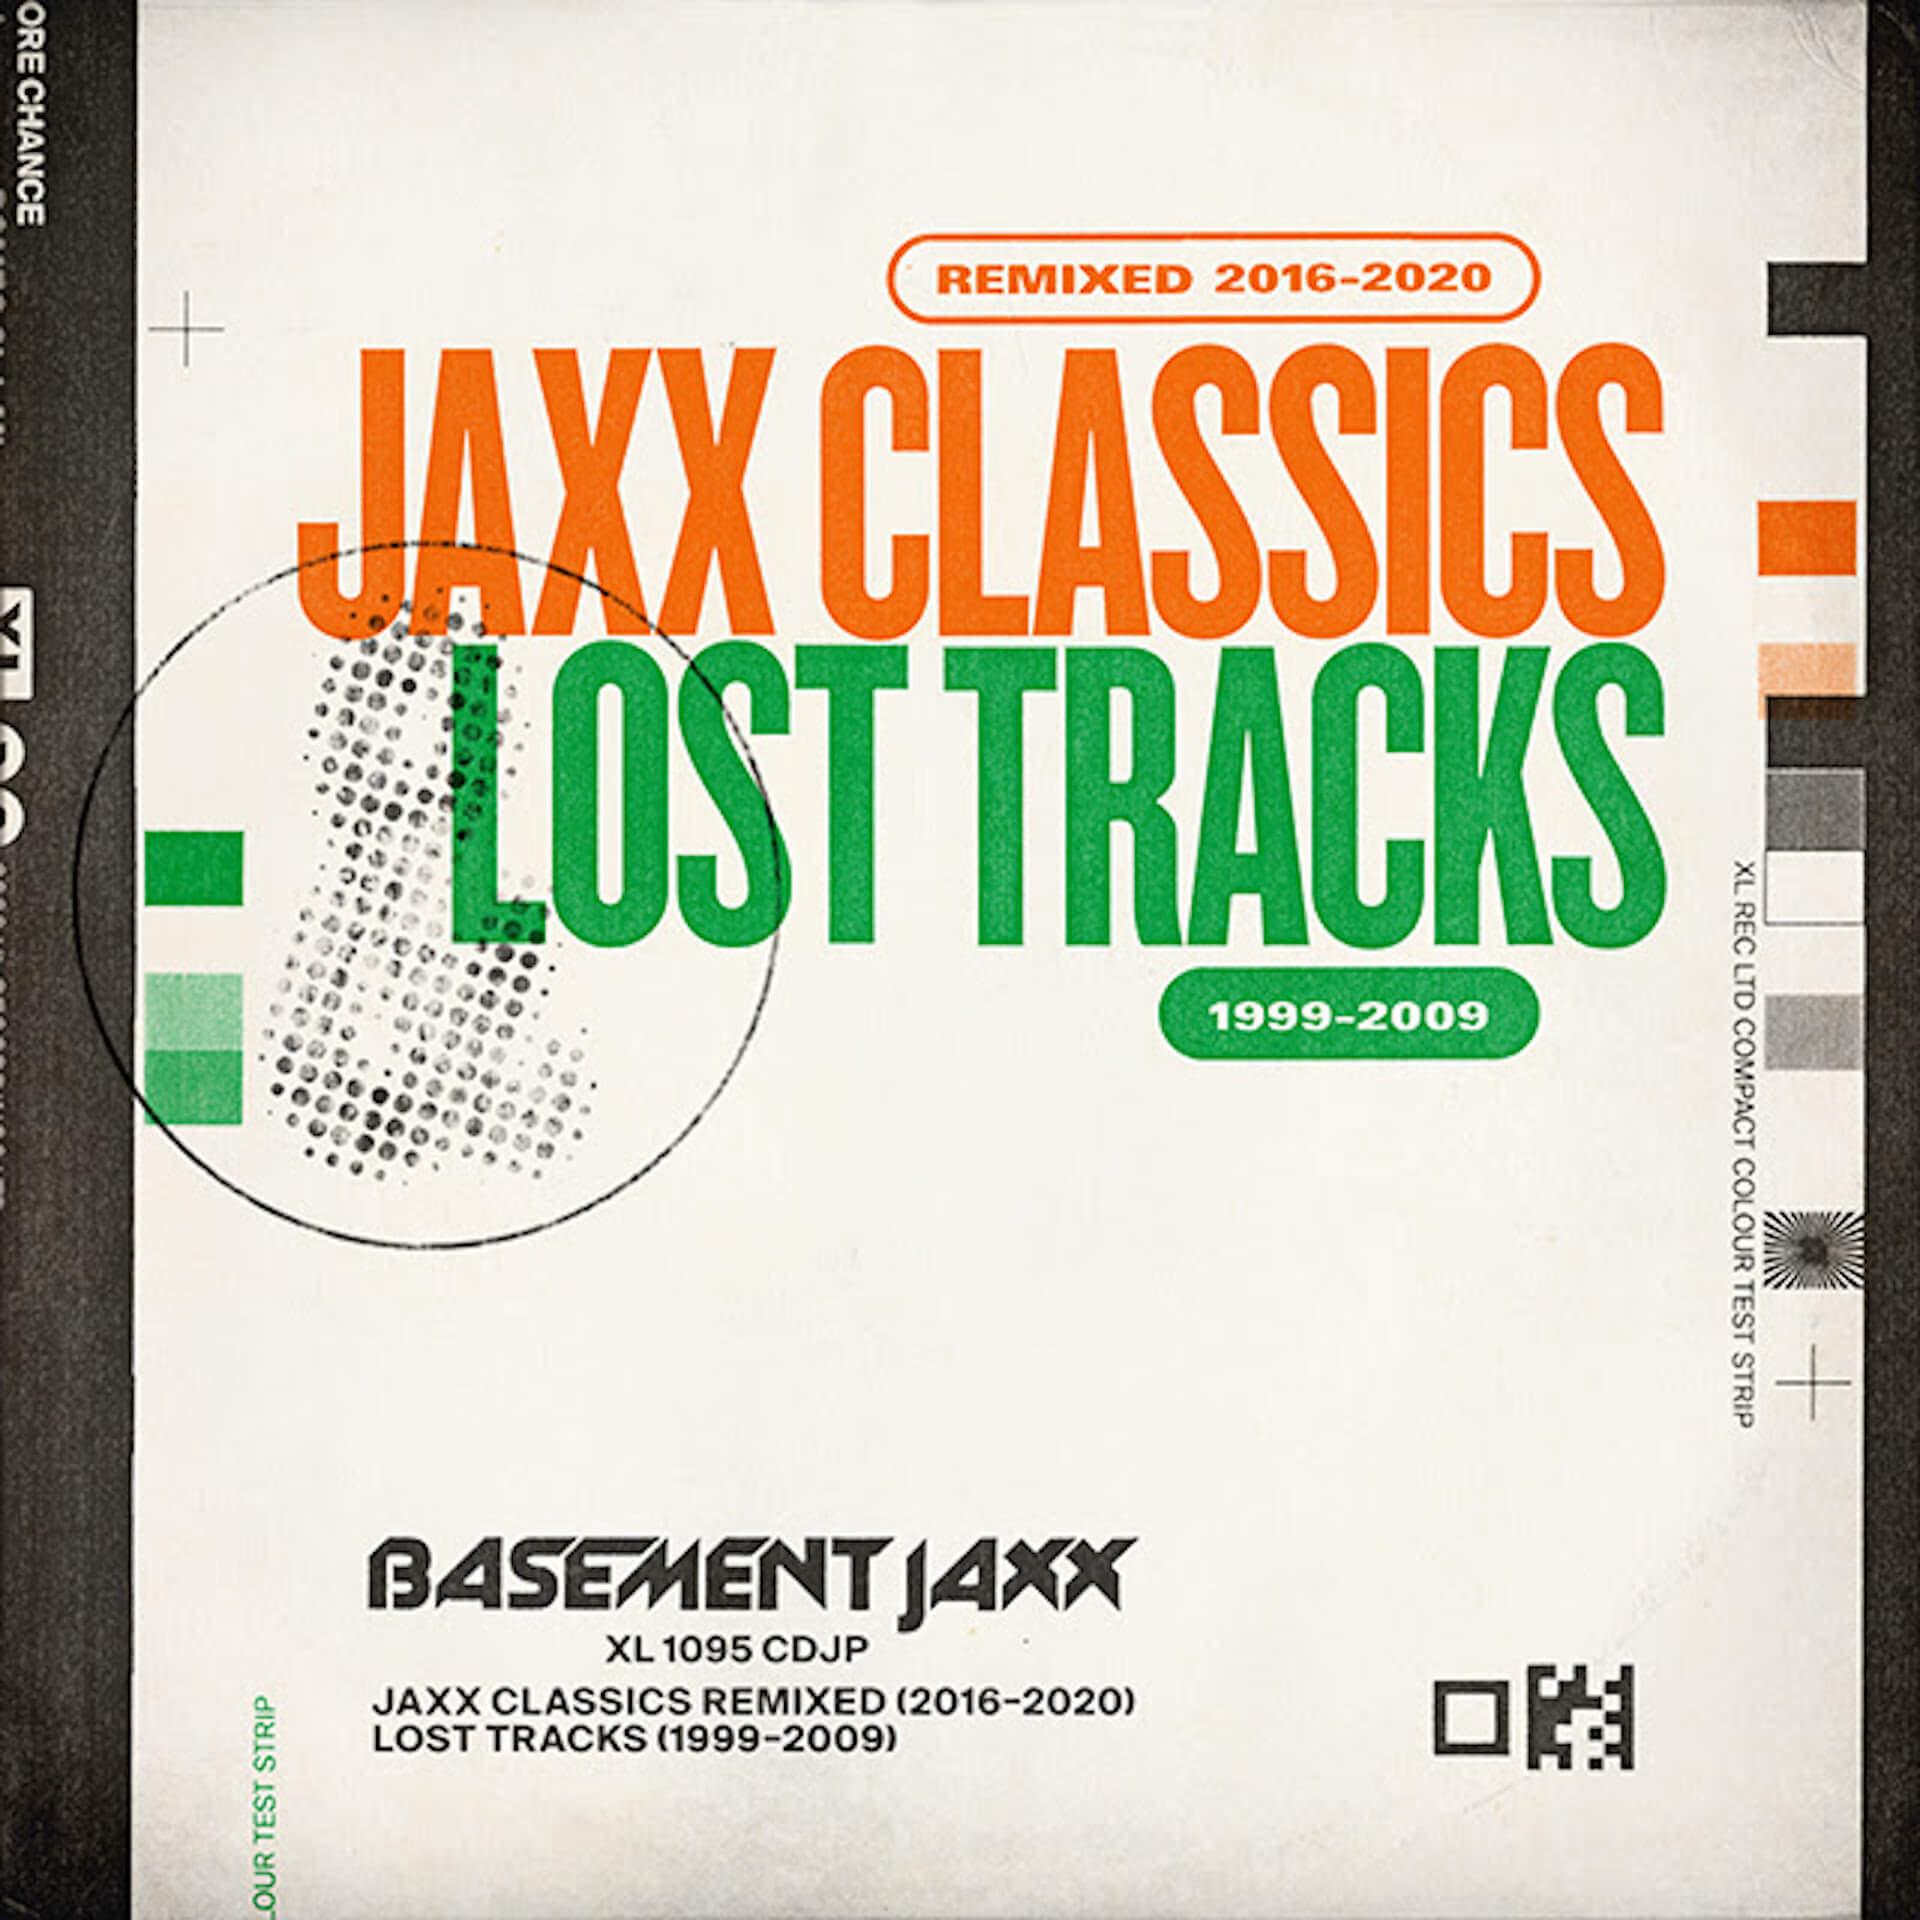 Basement Jaxx裏ベスト盤購入記念!タワーレコード限定特典としてハウス・コレクティヴCYKによるプロモ・ミックスCDが決定 music200722_basementjaxx_1